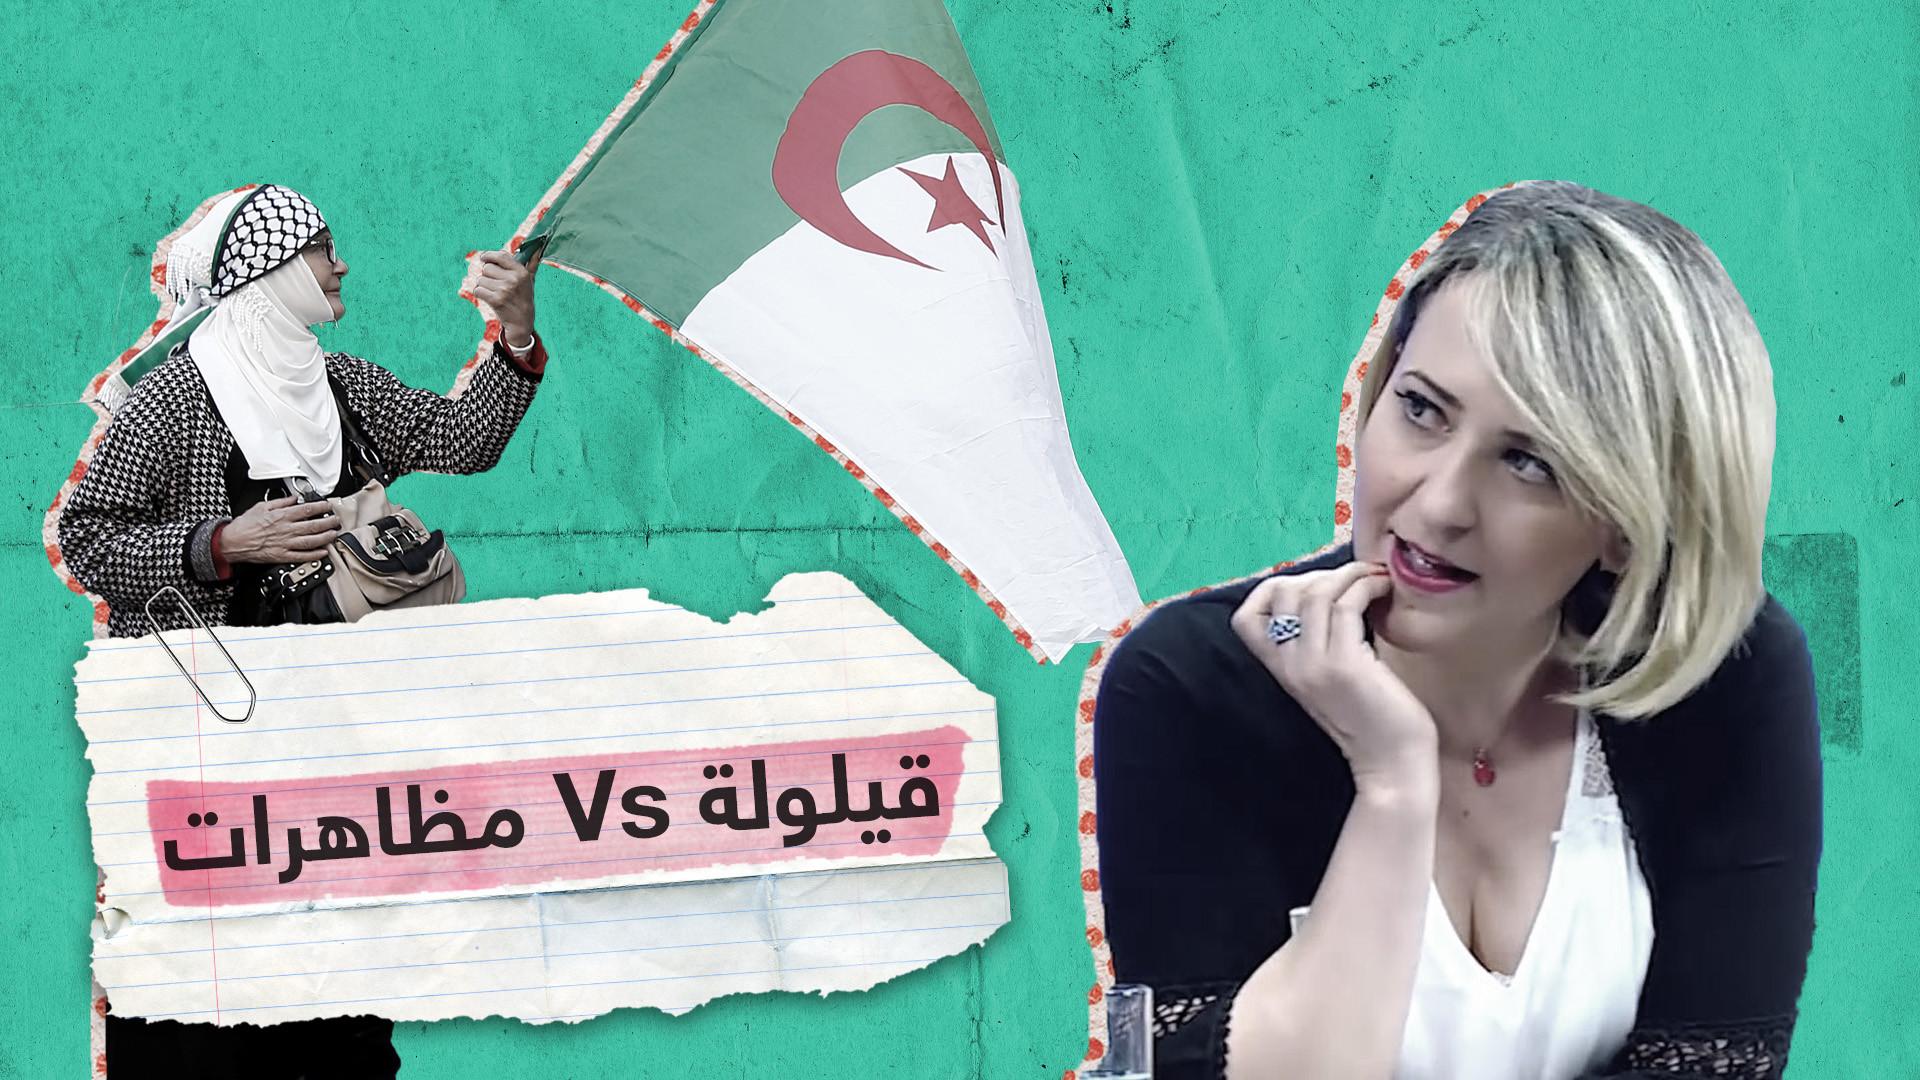 ناشطة جزائرية منزعجة من المظاهرات لأنه